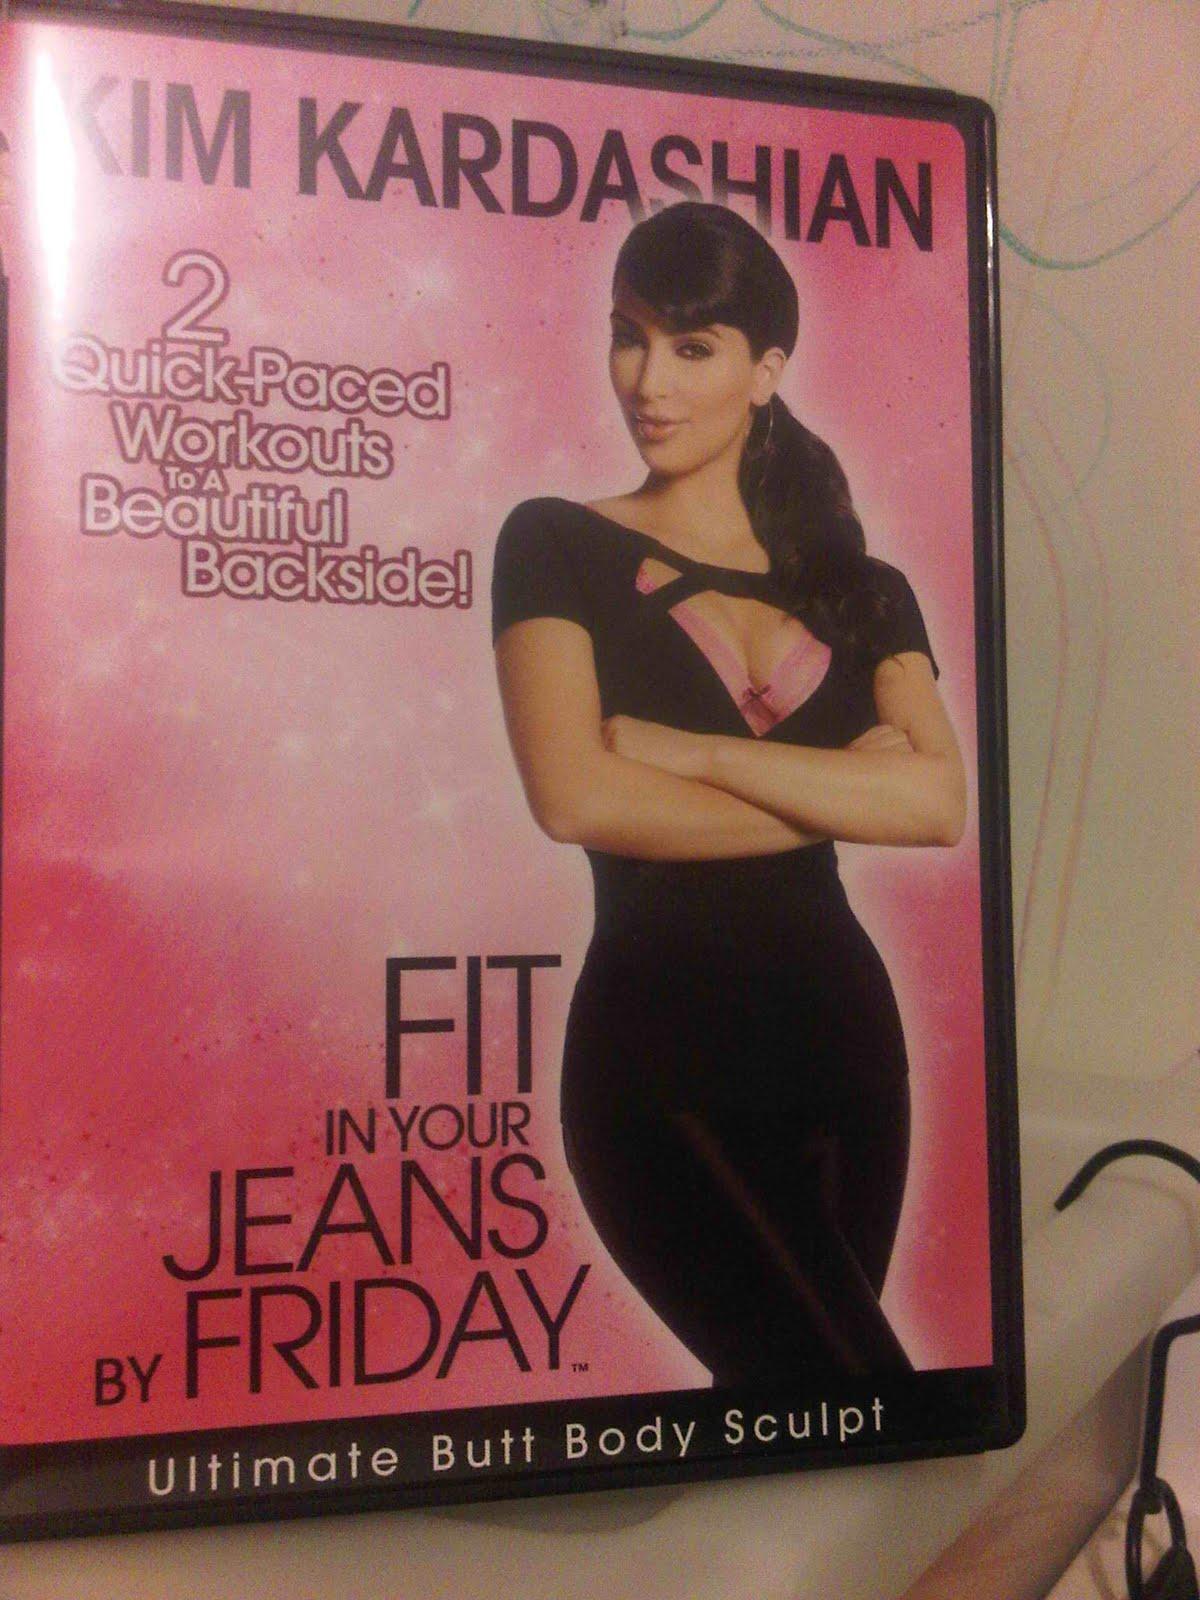 http://3.bp.blogspot.com/_s4yNhcY3xds/THRwK8b1BEI/AAAAAAAAAWA/-1_mAqFTKic/s1600/FIYJBF+Kim+Kardashian+Video.jpg